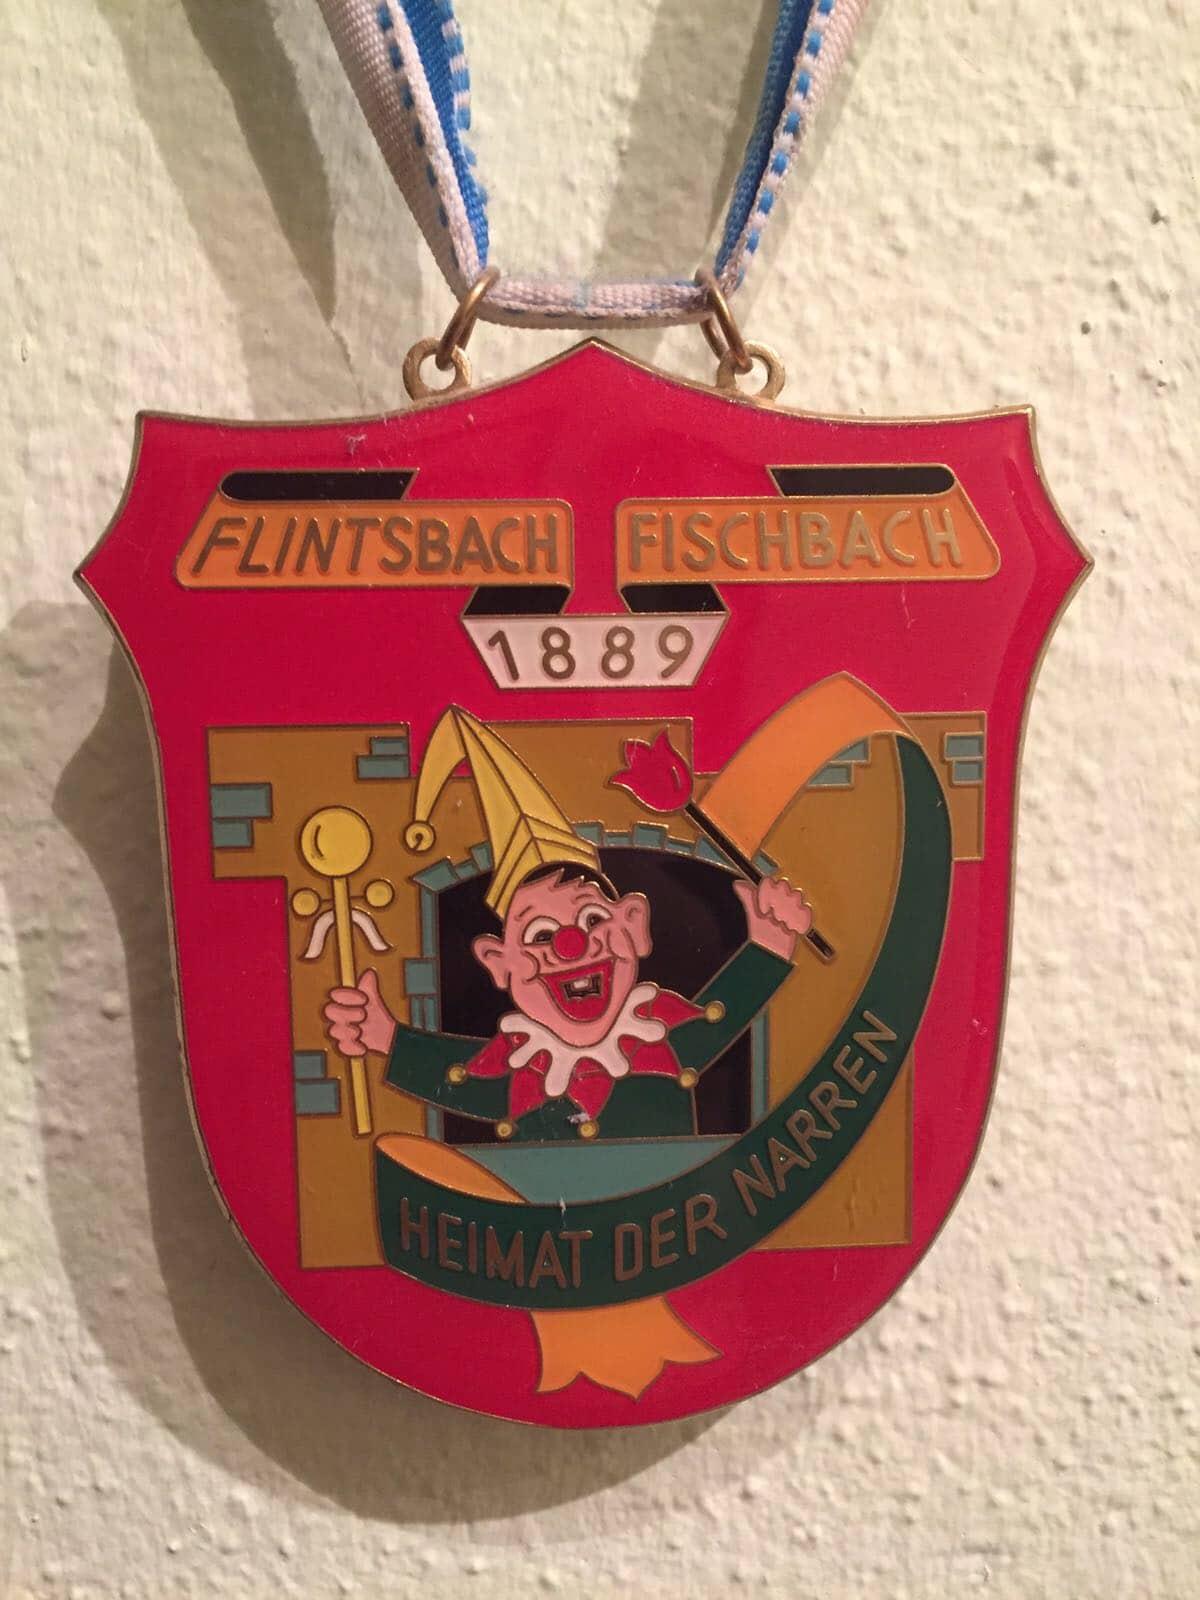 Faschingsorden für die Druckerei Rapp-Druck der Flintsbacher Faschingsgesellschaft